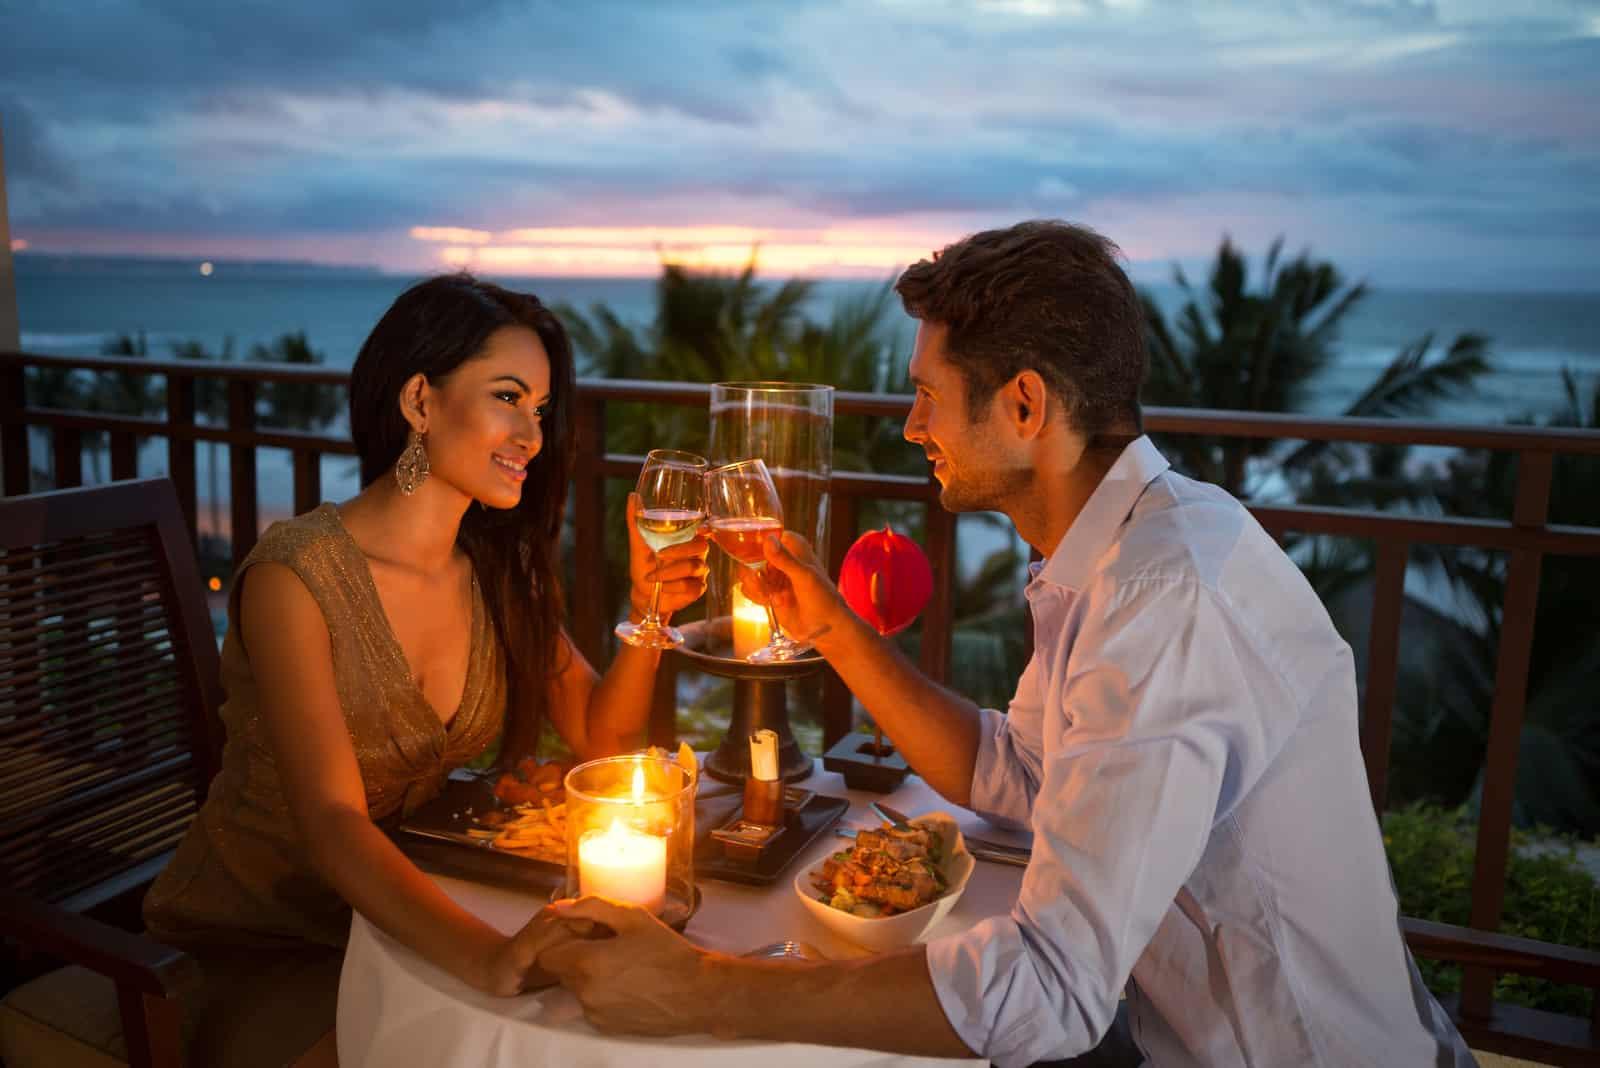 un homme et une femme assis au dîner grillant avec du vin